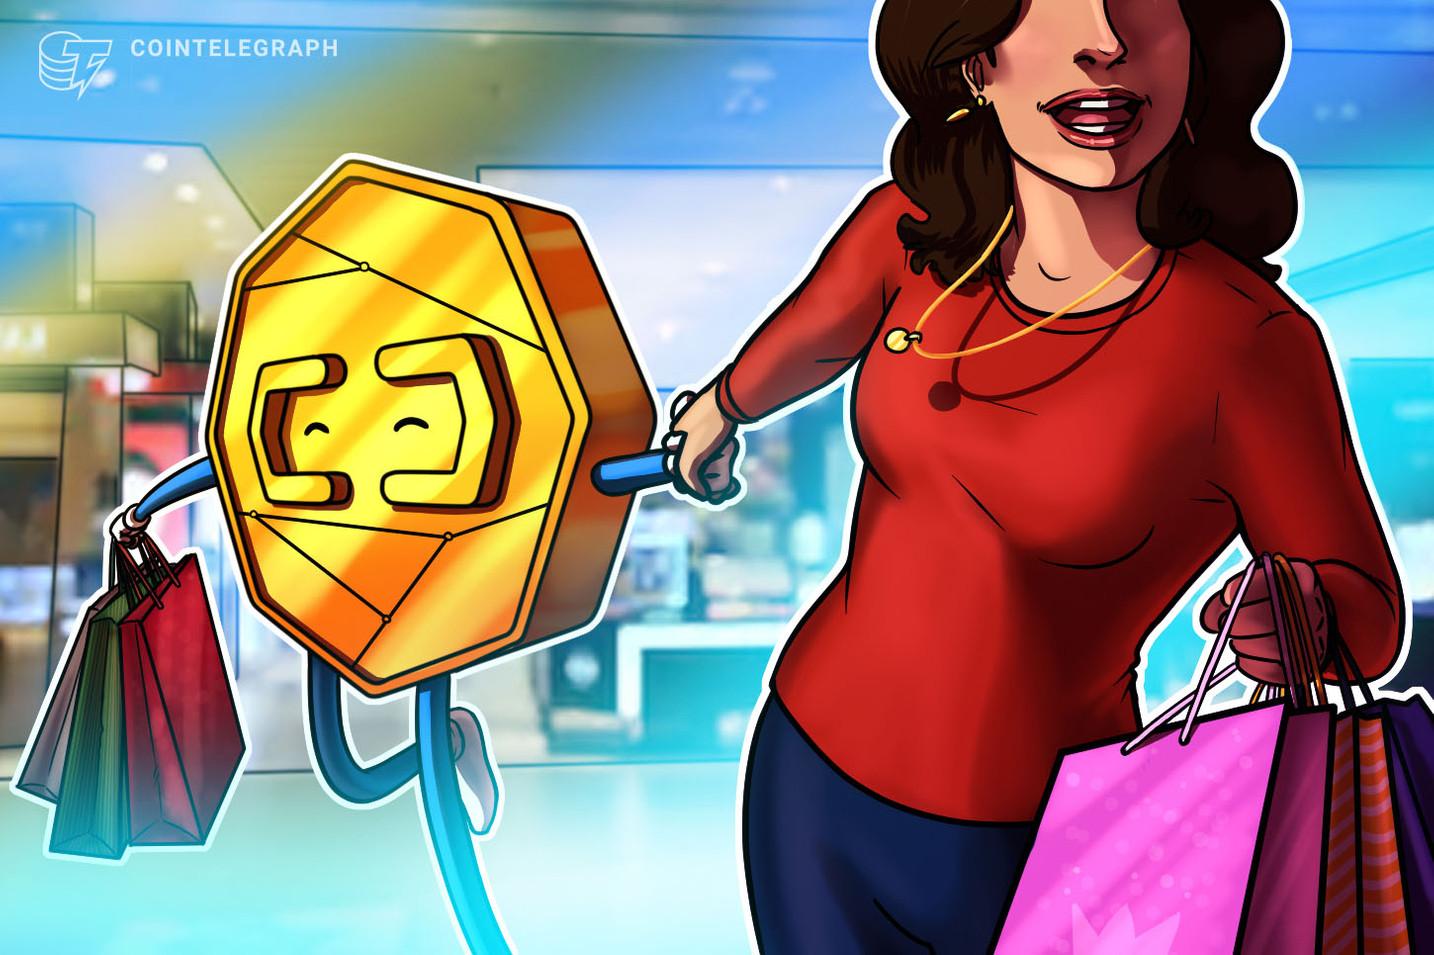 Verifone permitirá realizar pagos con criptomonedas en los principales comercios a través de BitPay